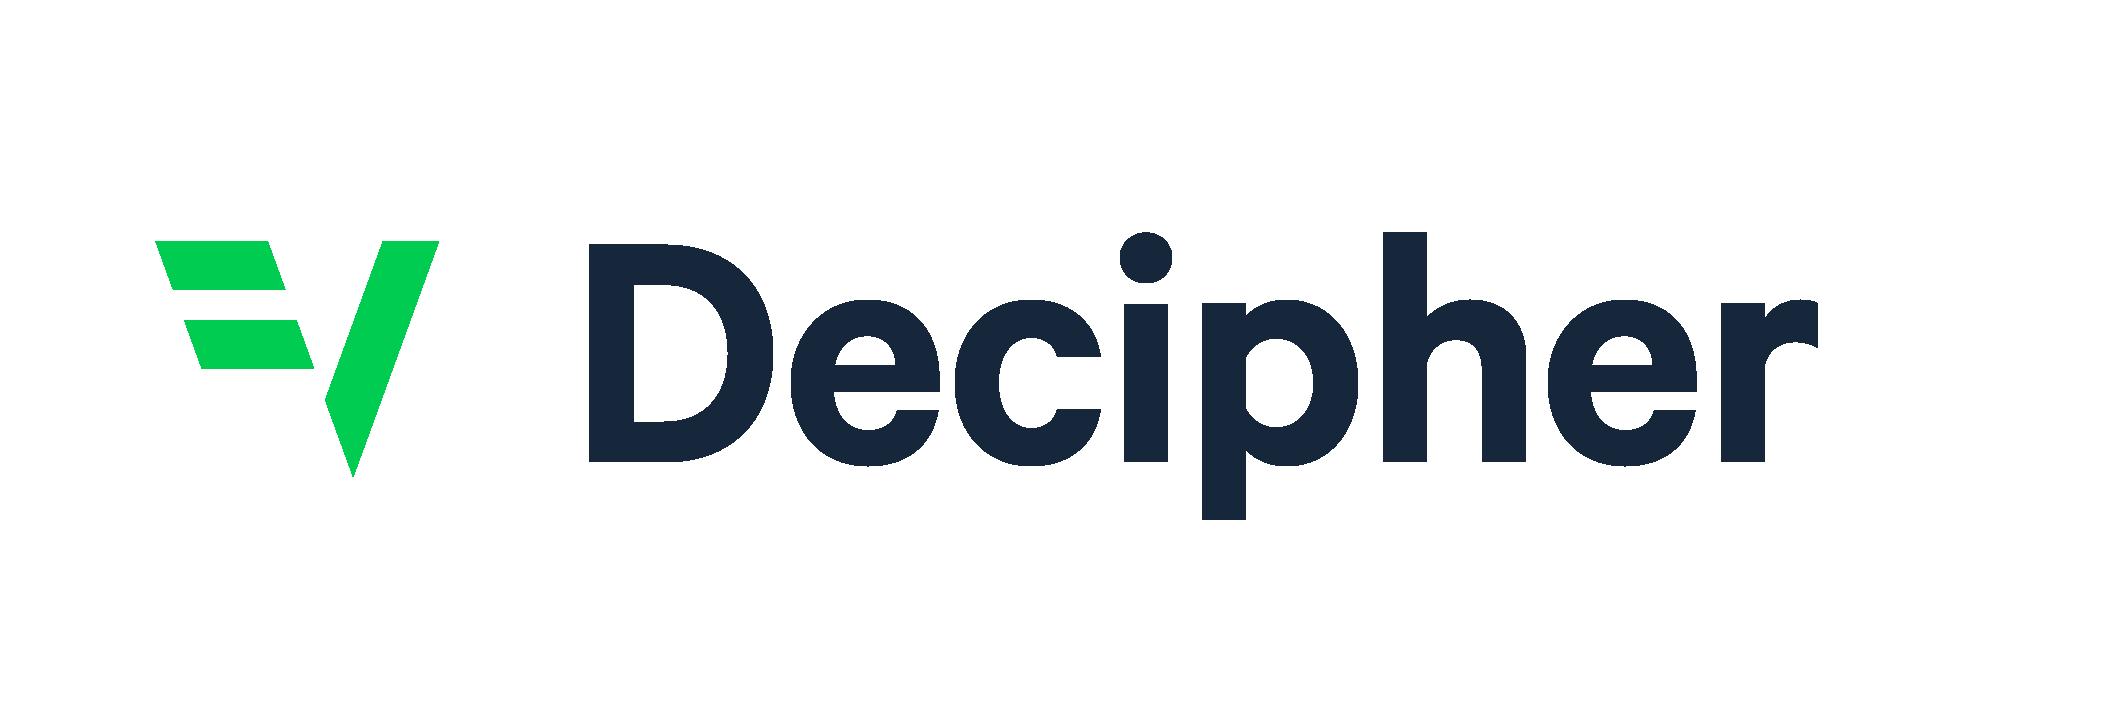 FocusVision-Decipher-Alternative